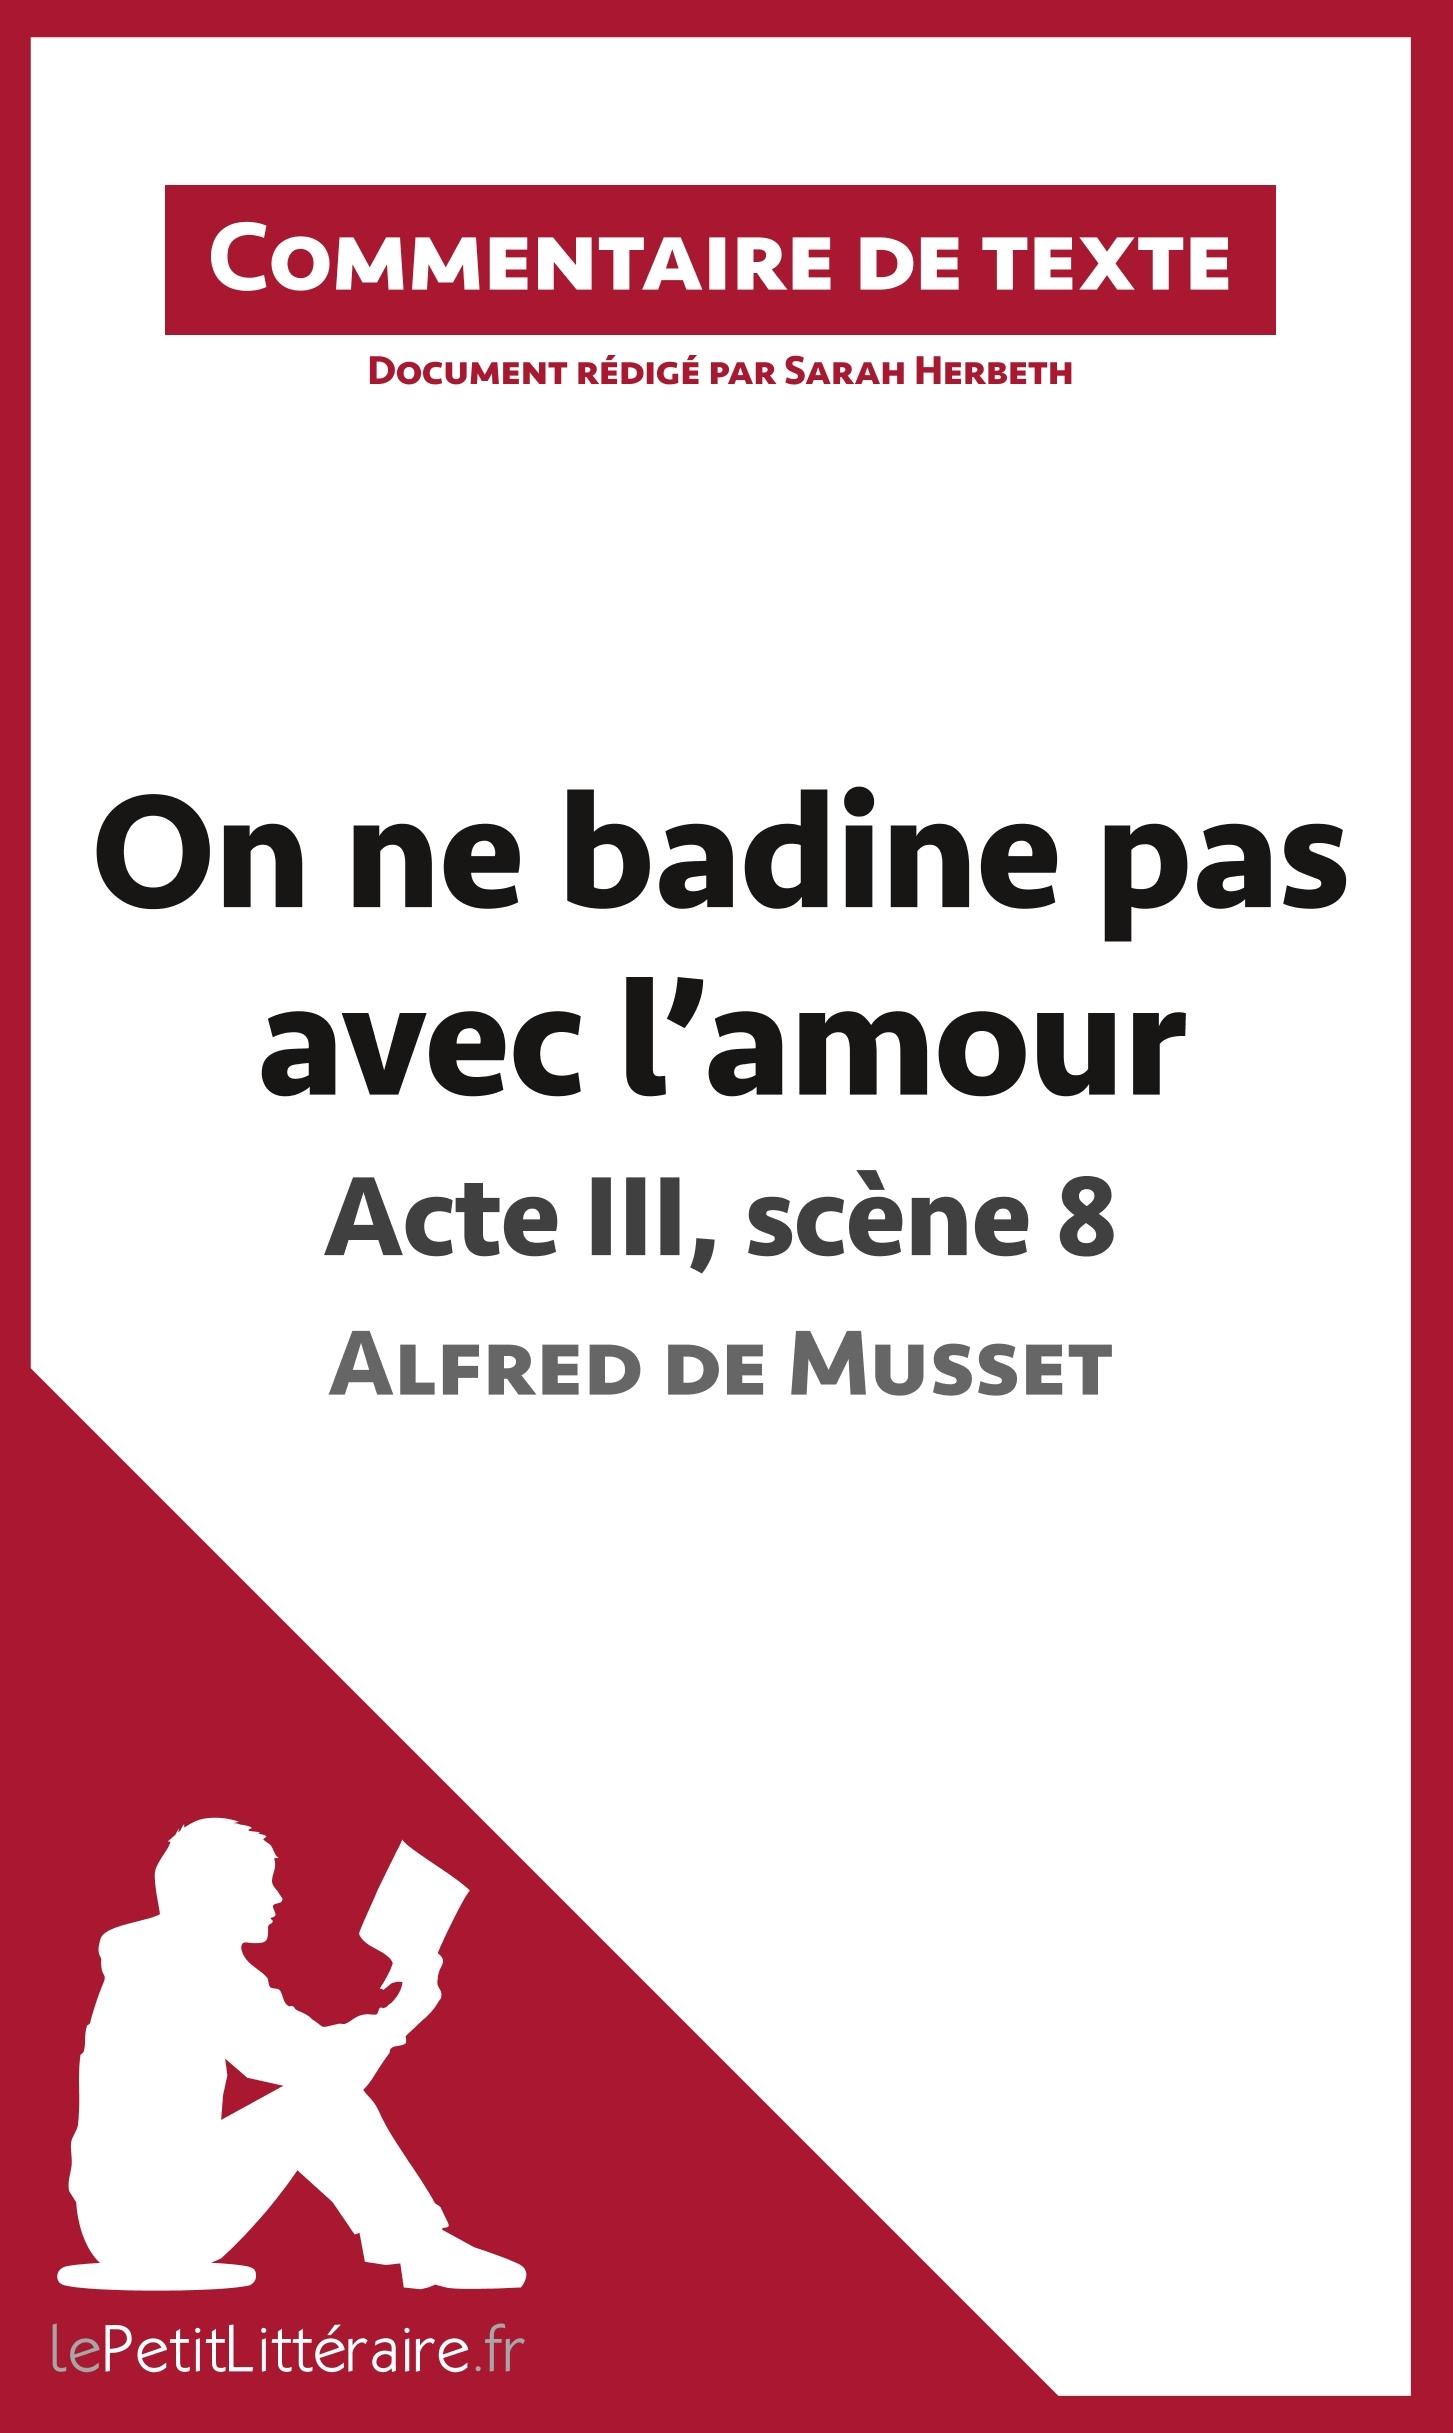 COMMENTAIRE COMPOSE ON NE BADINE PAS AVEC L AMOUR DE MUSSET ACTE III SCENE 8